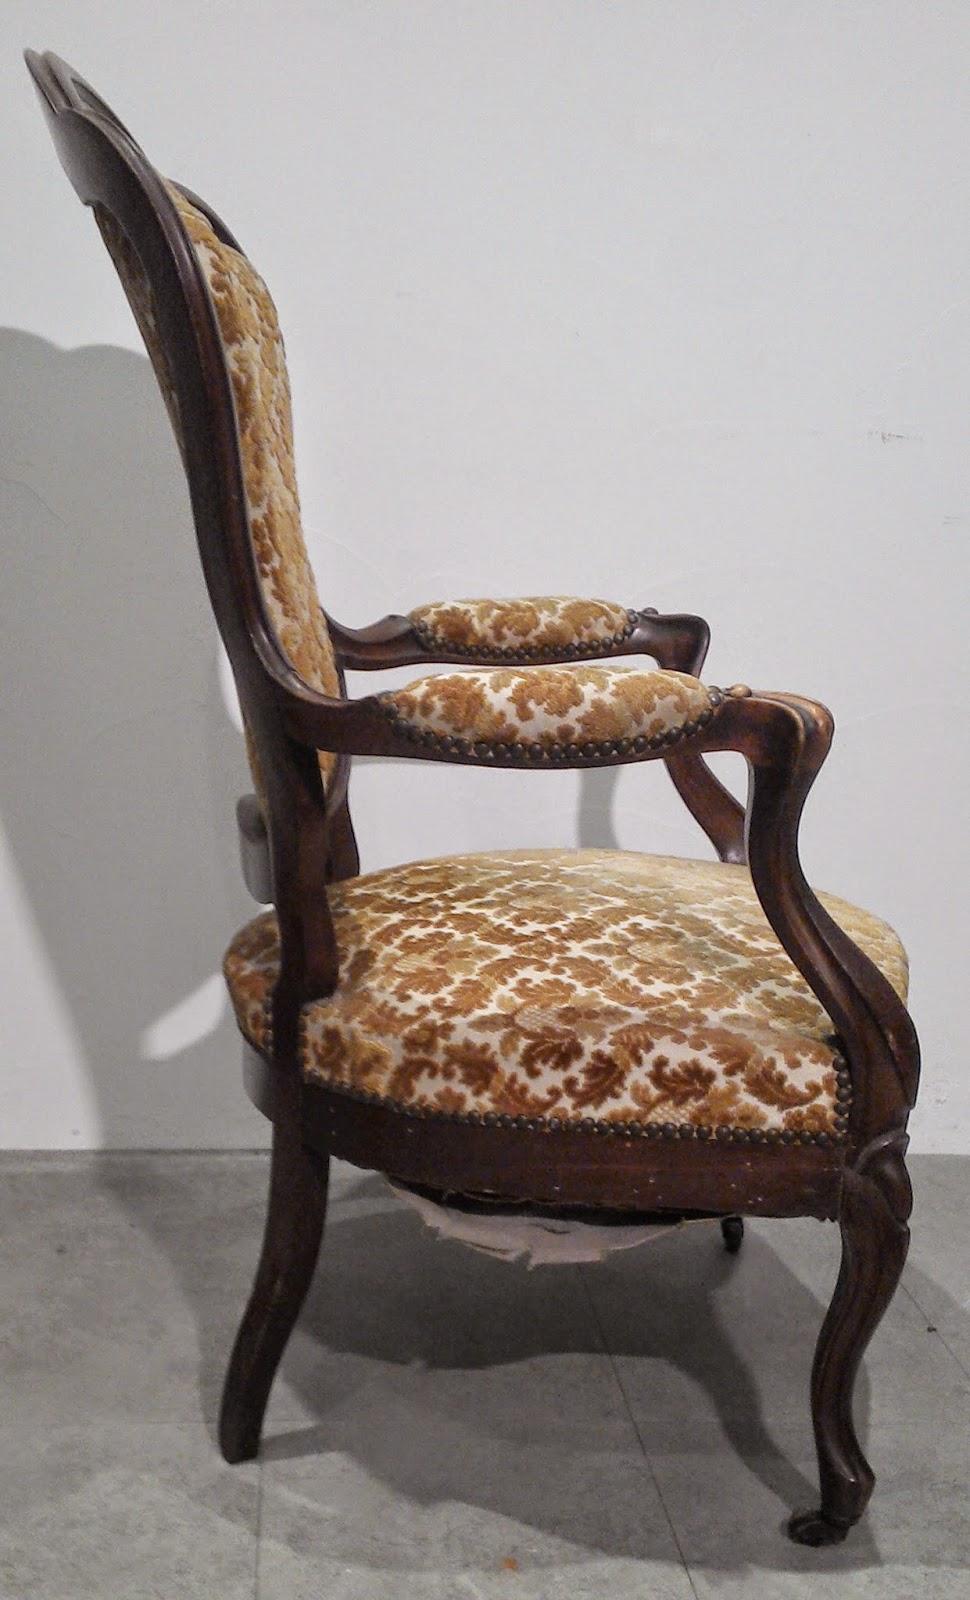 fauteuil louis philippe en noyer d 39 poque de style louis xv si ge bois sculpt ebay. Black Bedroom Furniture Sets. Home Design Ideas